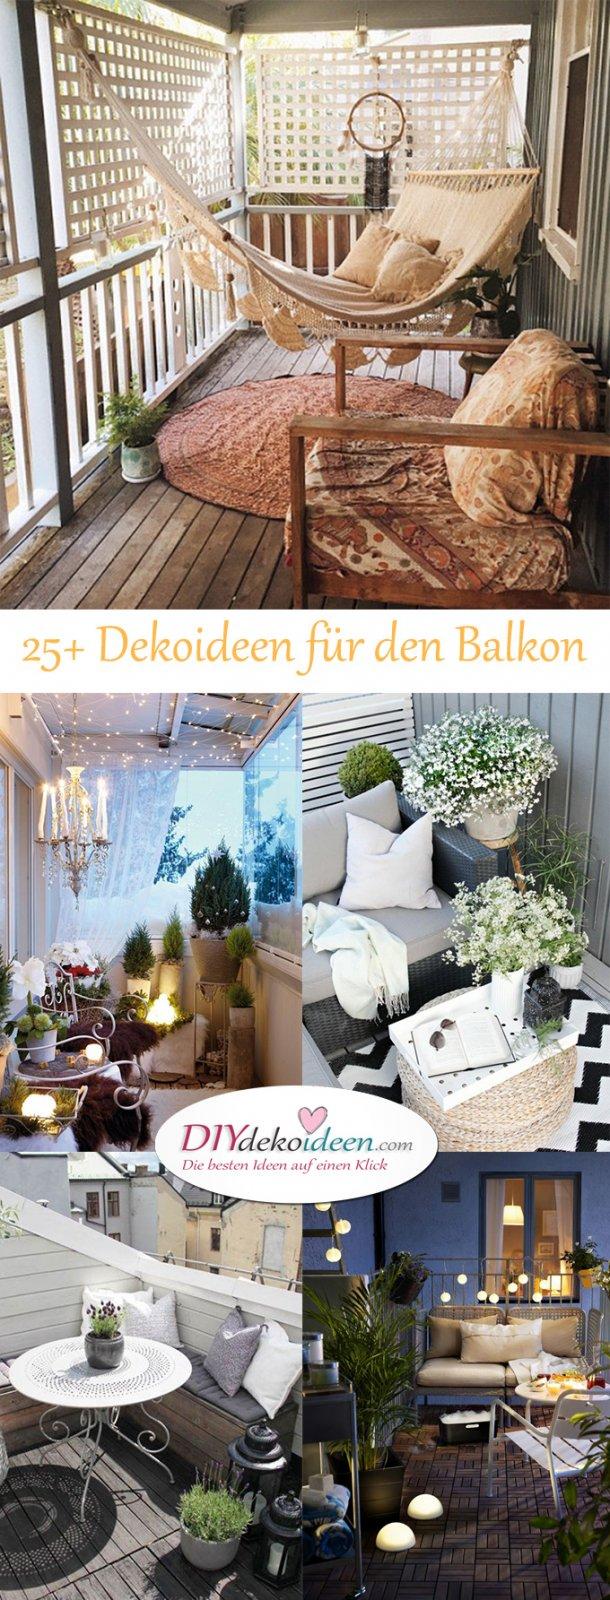 Deko Balkon Ordentlich Balkon Dekoideen Bk